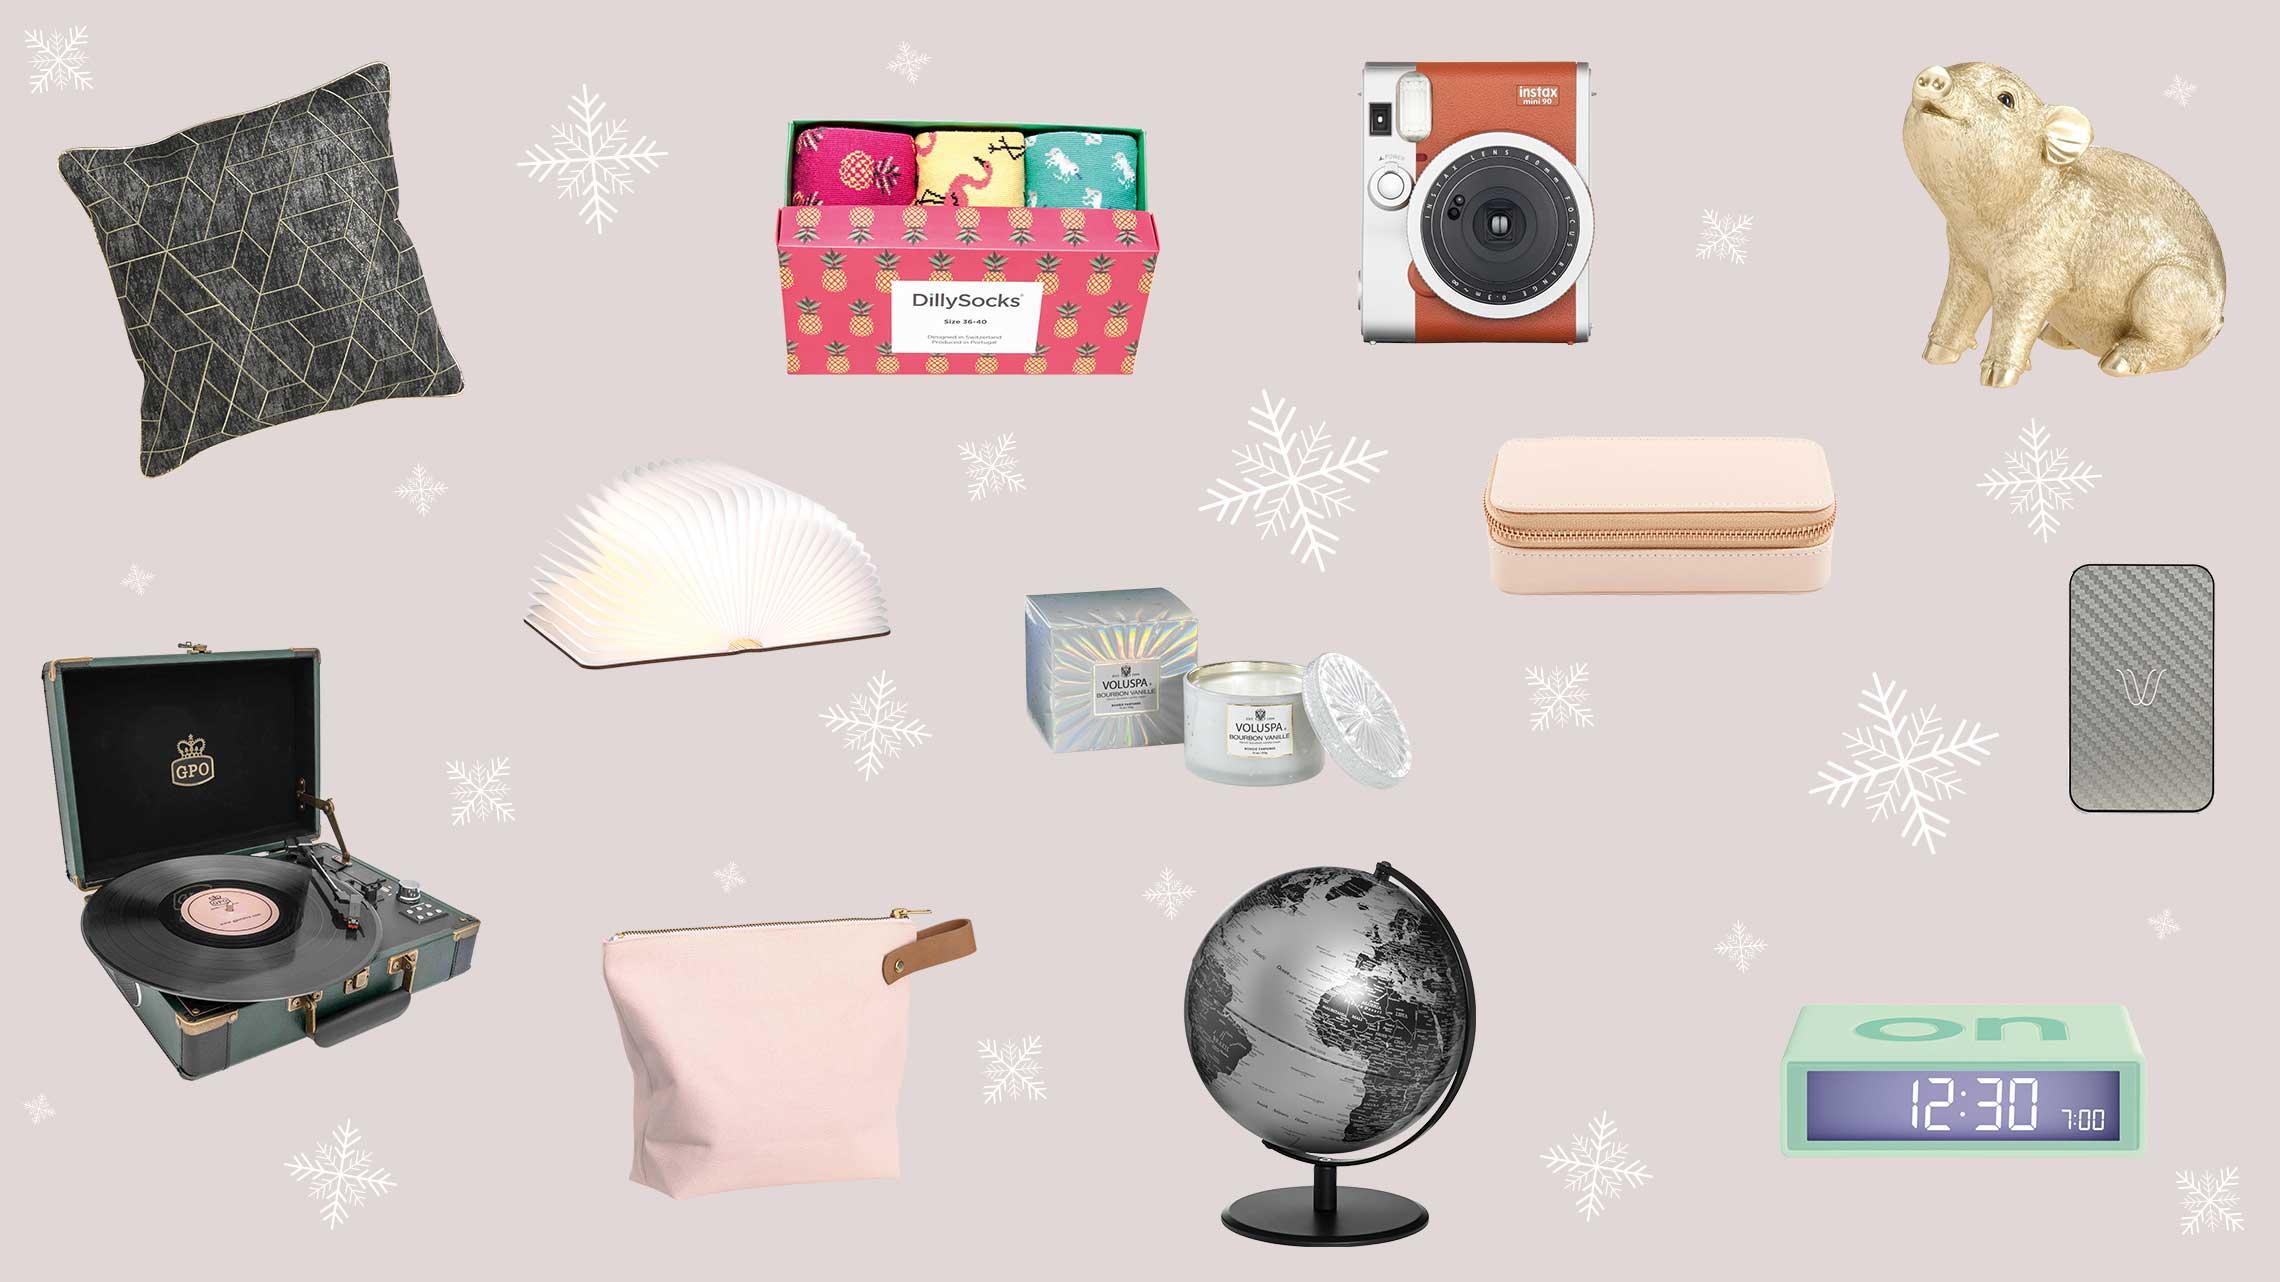 Geschenkideen Für Weihnachten.Geschenkideen Für Weihnachten Pfister